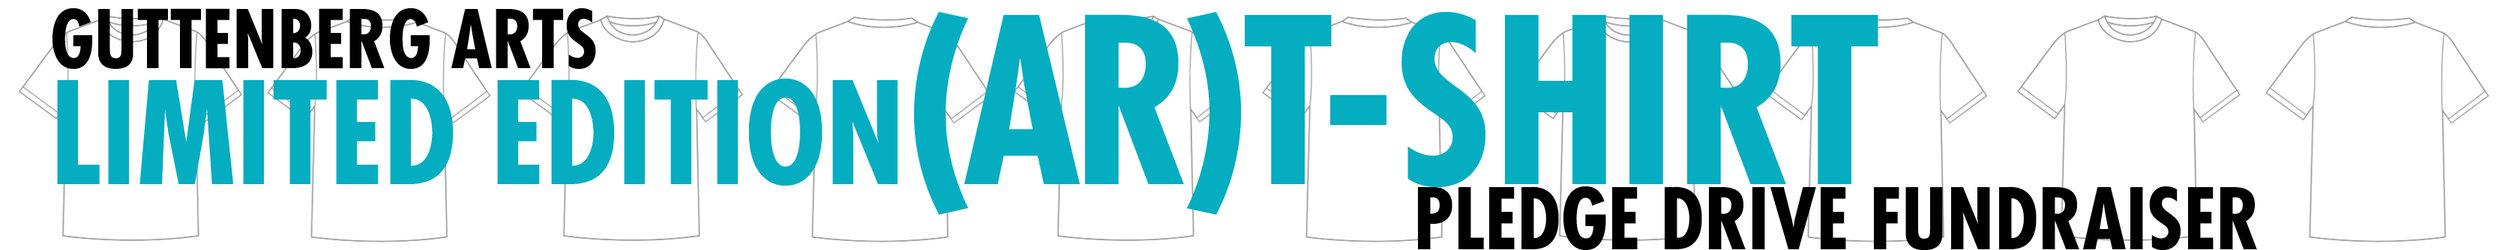 ArTShirt33.jpg